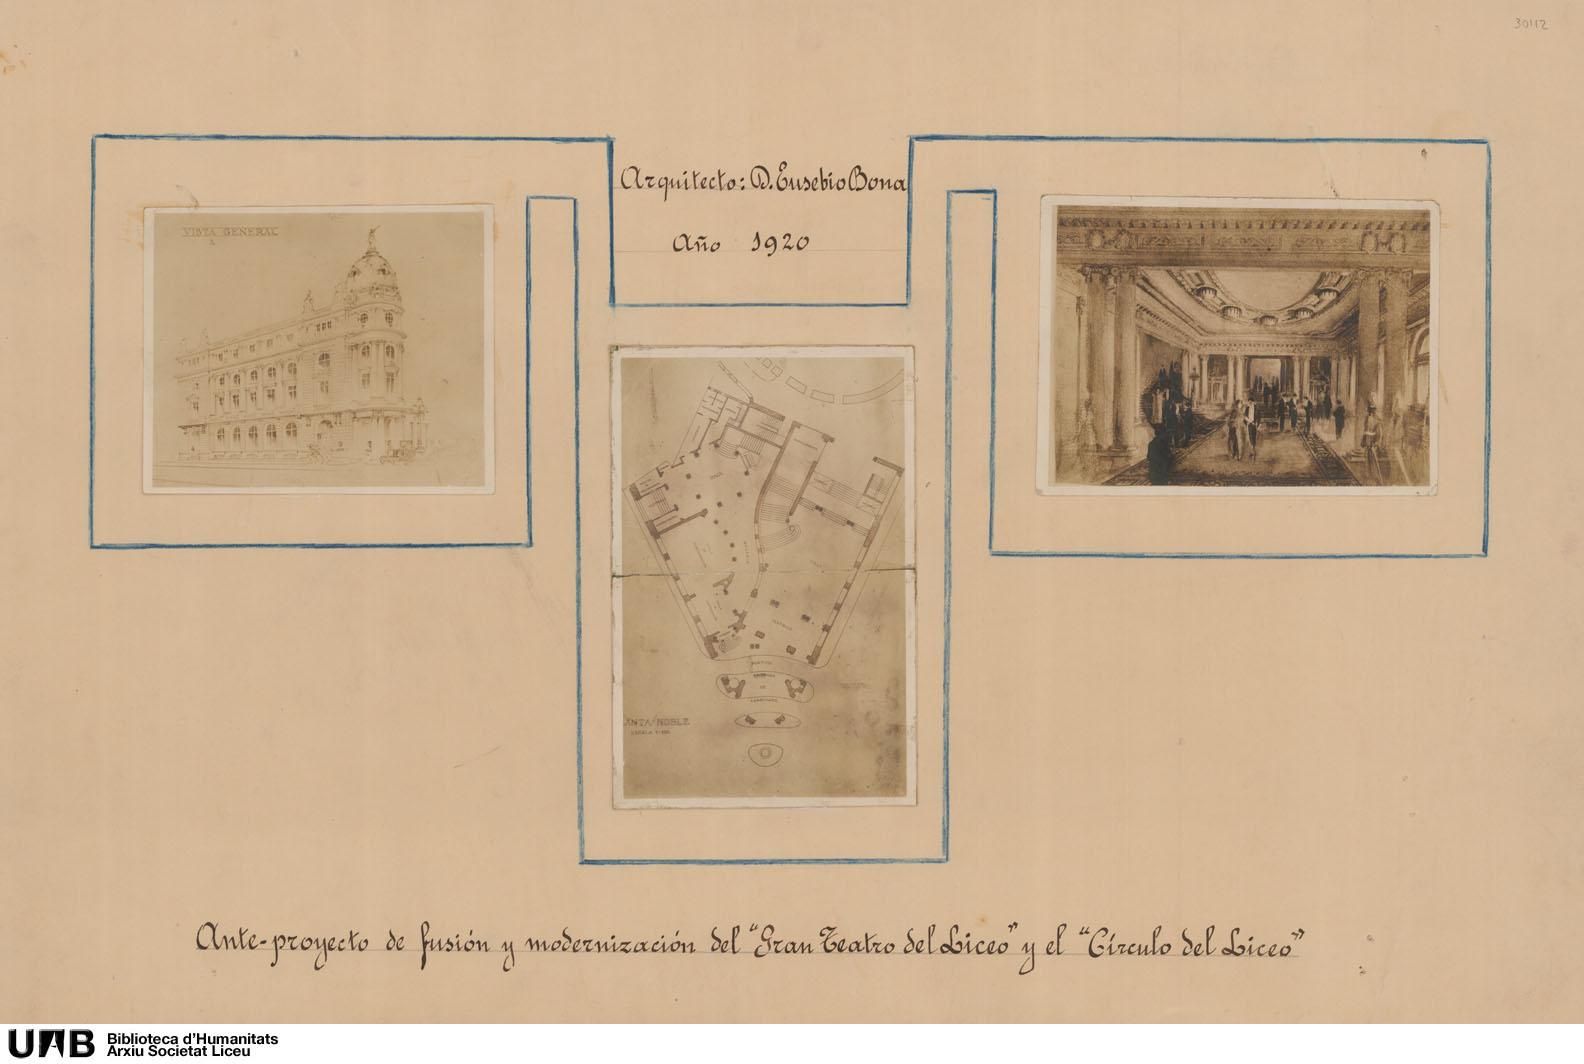 Anteproyecto de fusión y modernización del Gran Teatro del Liceo y el Círculo del Liceo